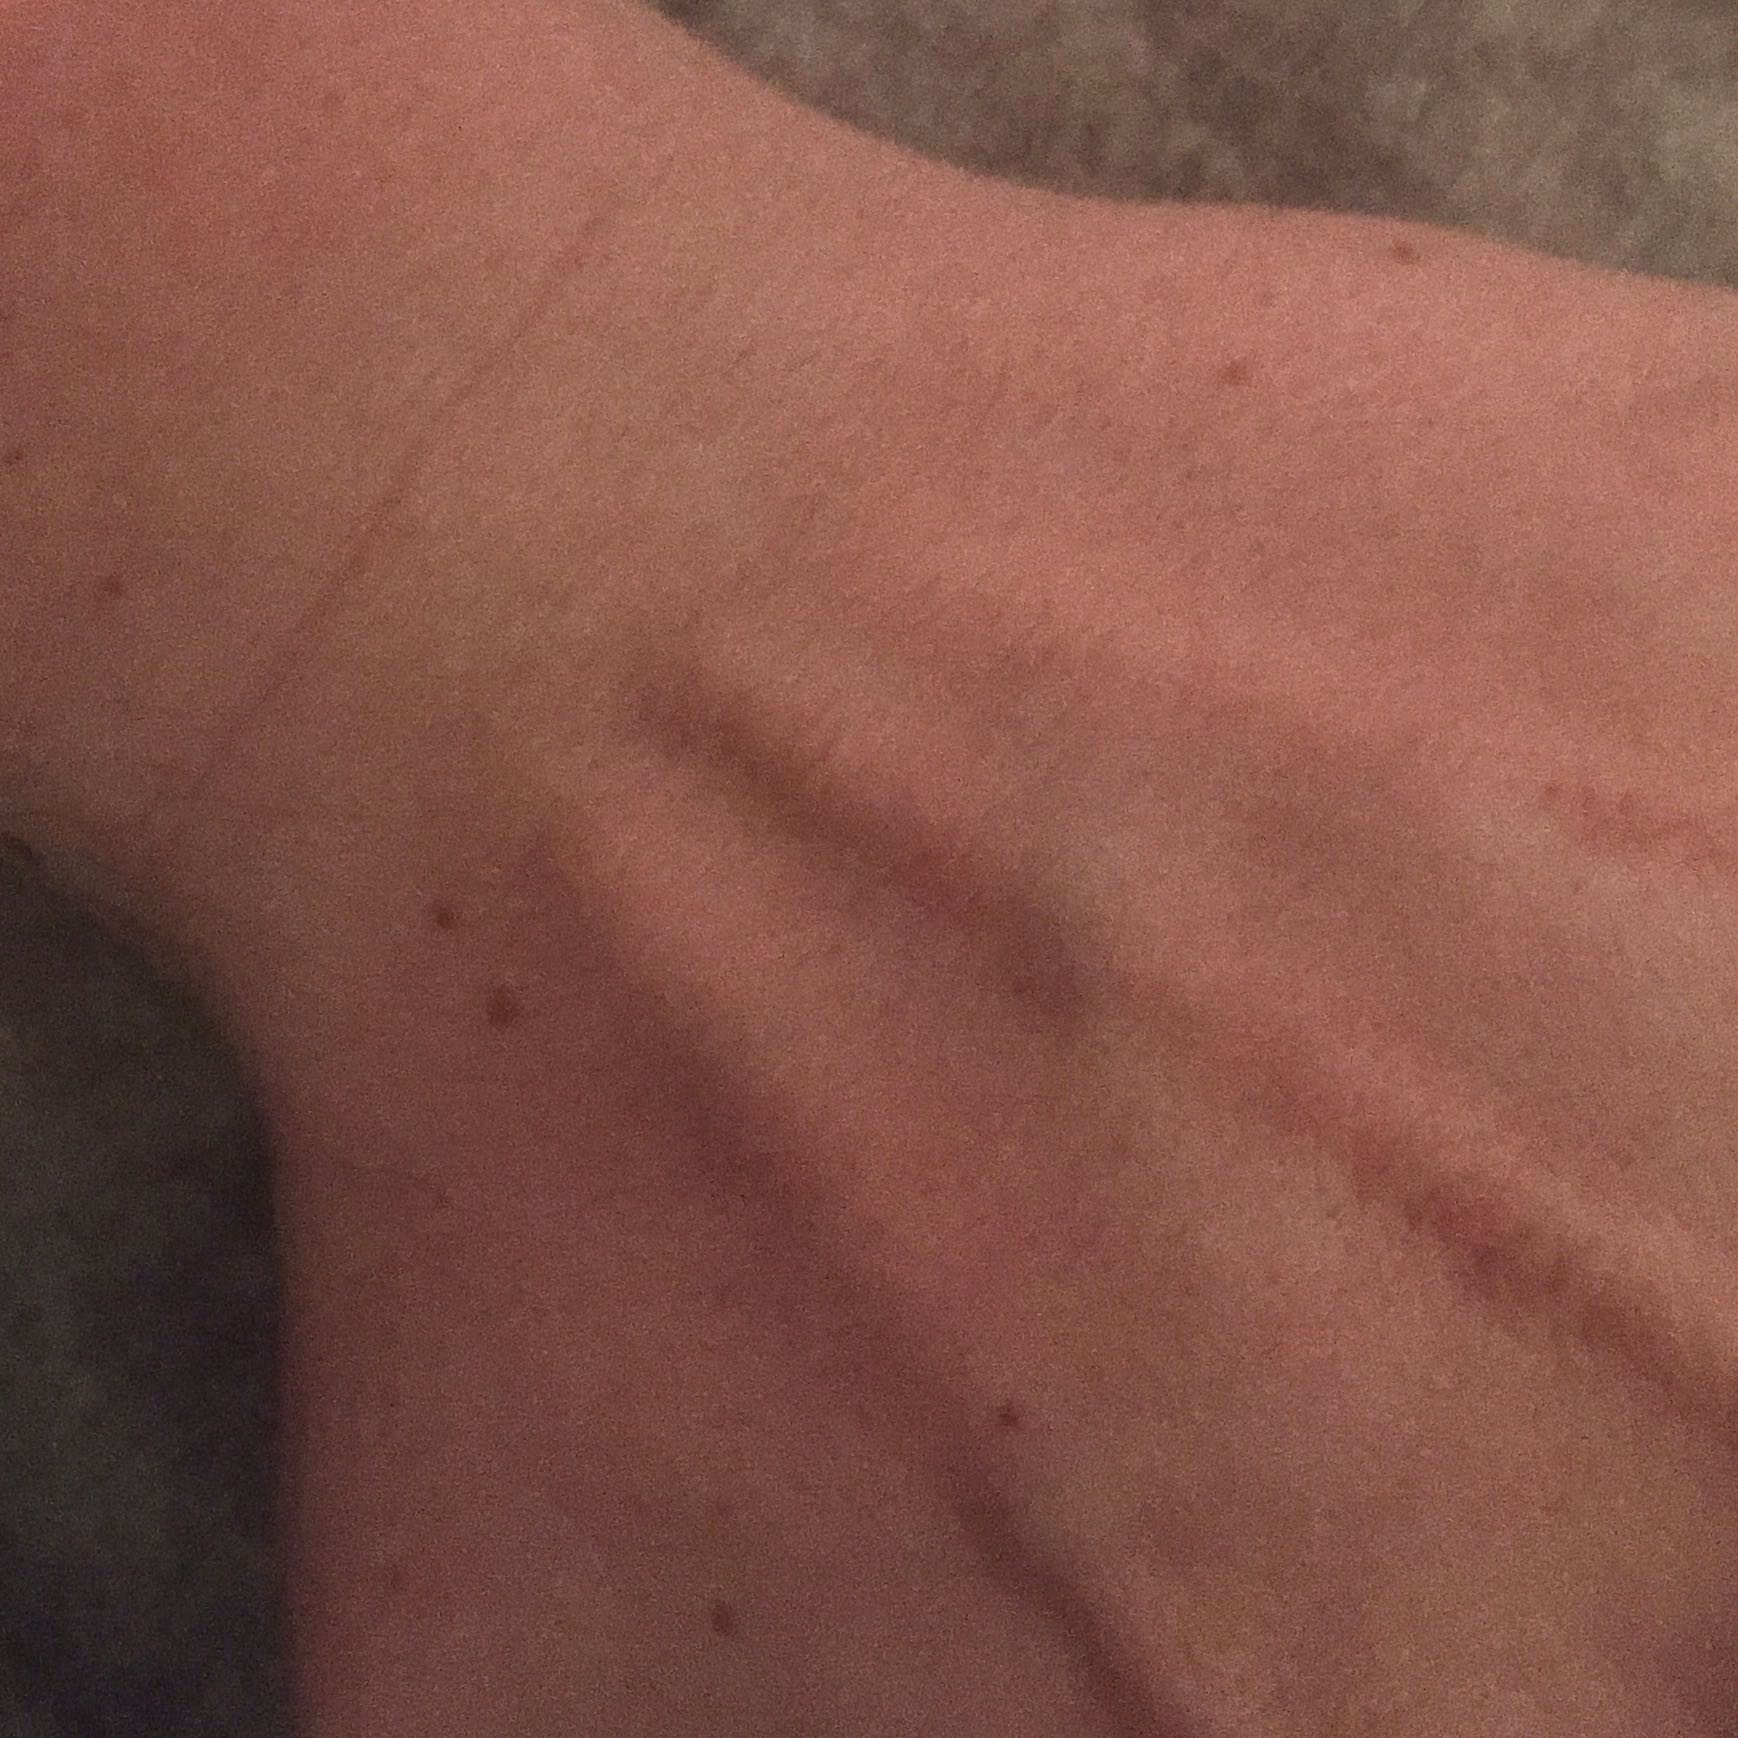 Wie heißen diese Knochen (Handgelenk) (Hand)